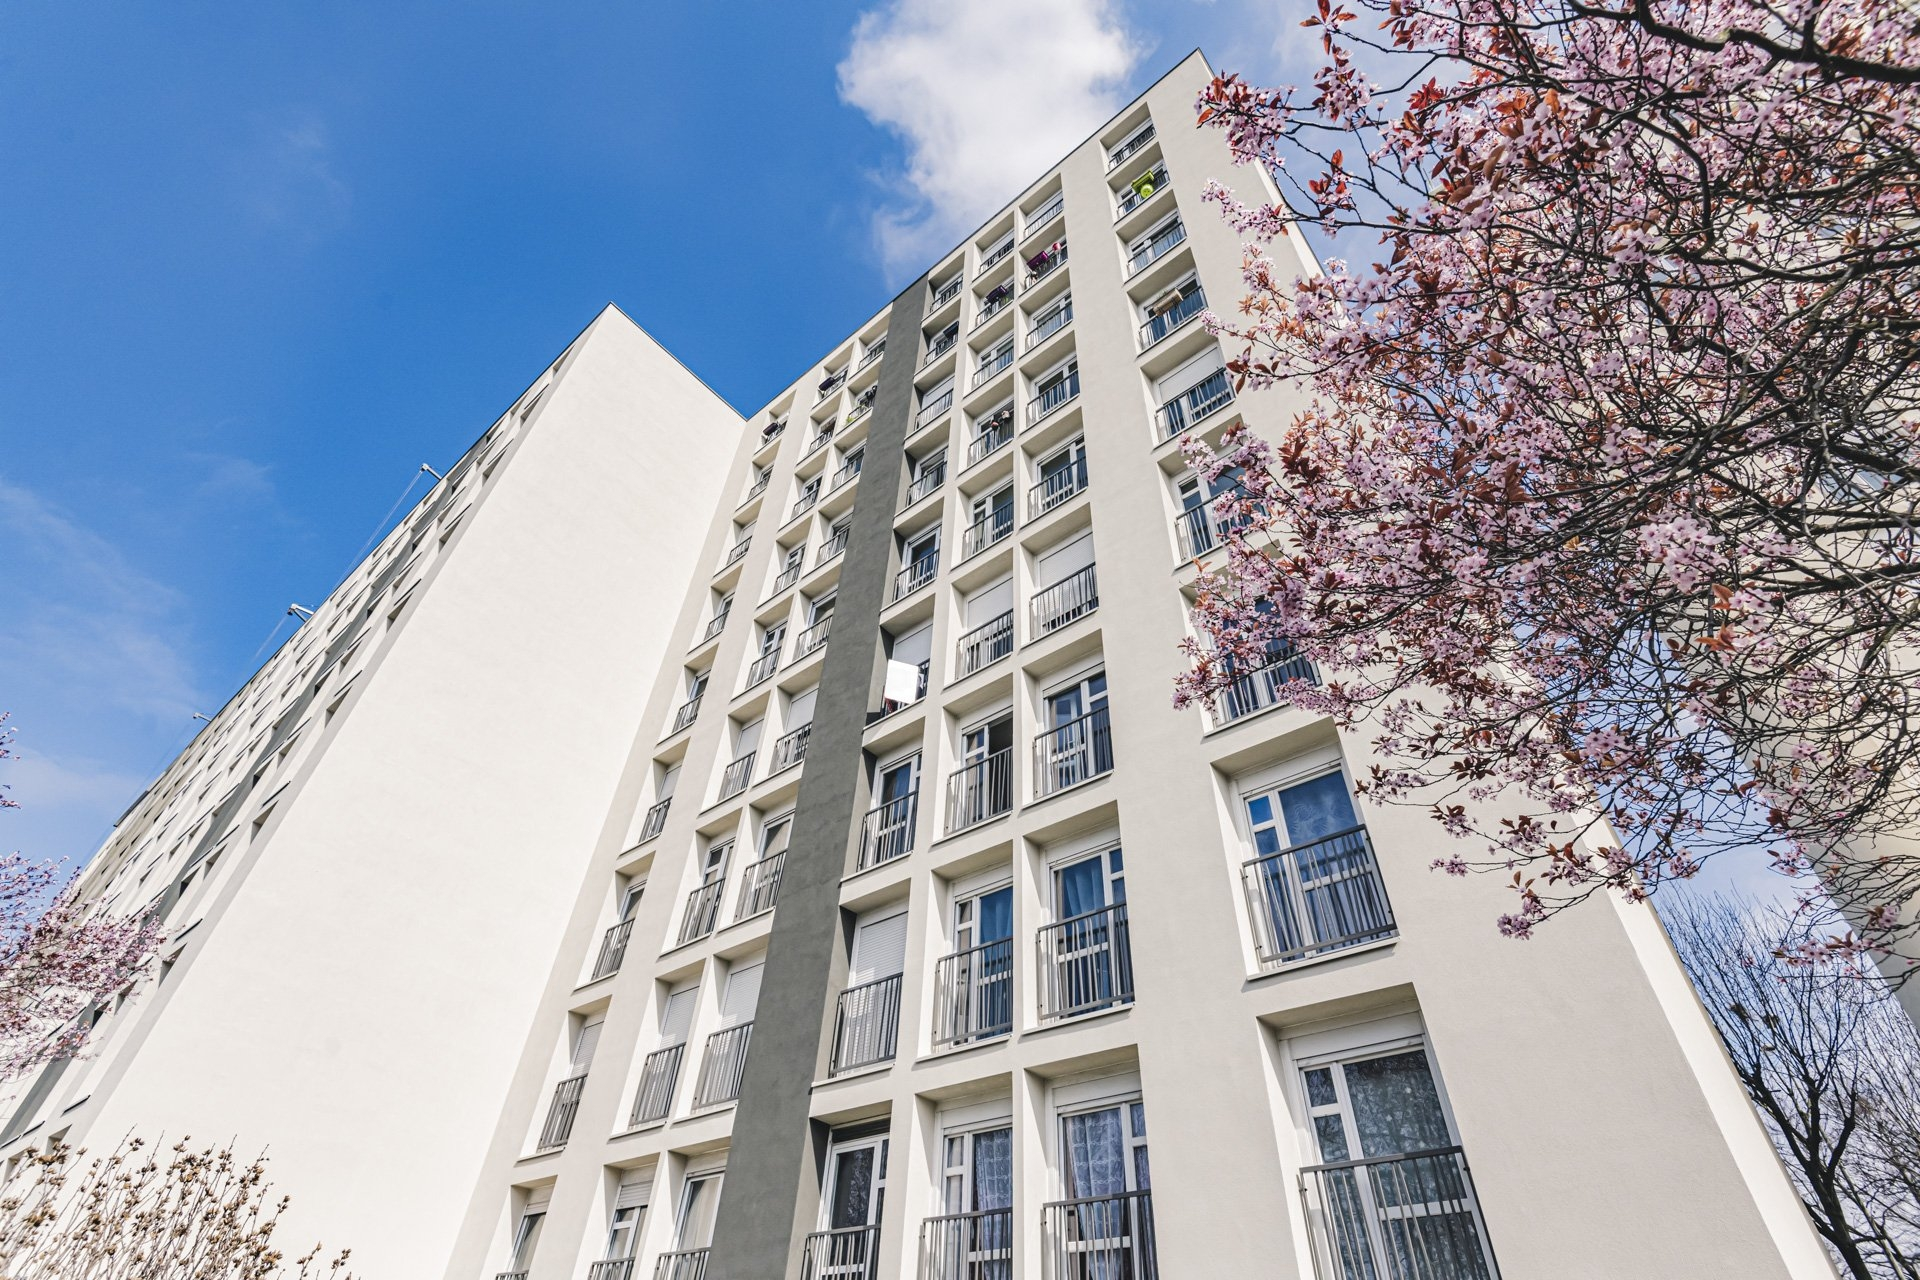 Appartement Reims 4 Pièces 69.2 m2 - 8